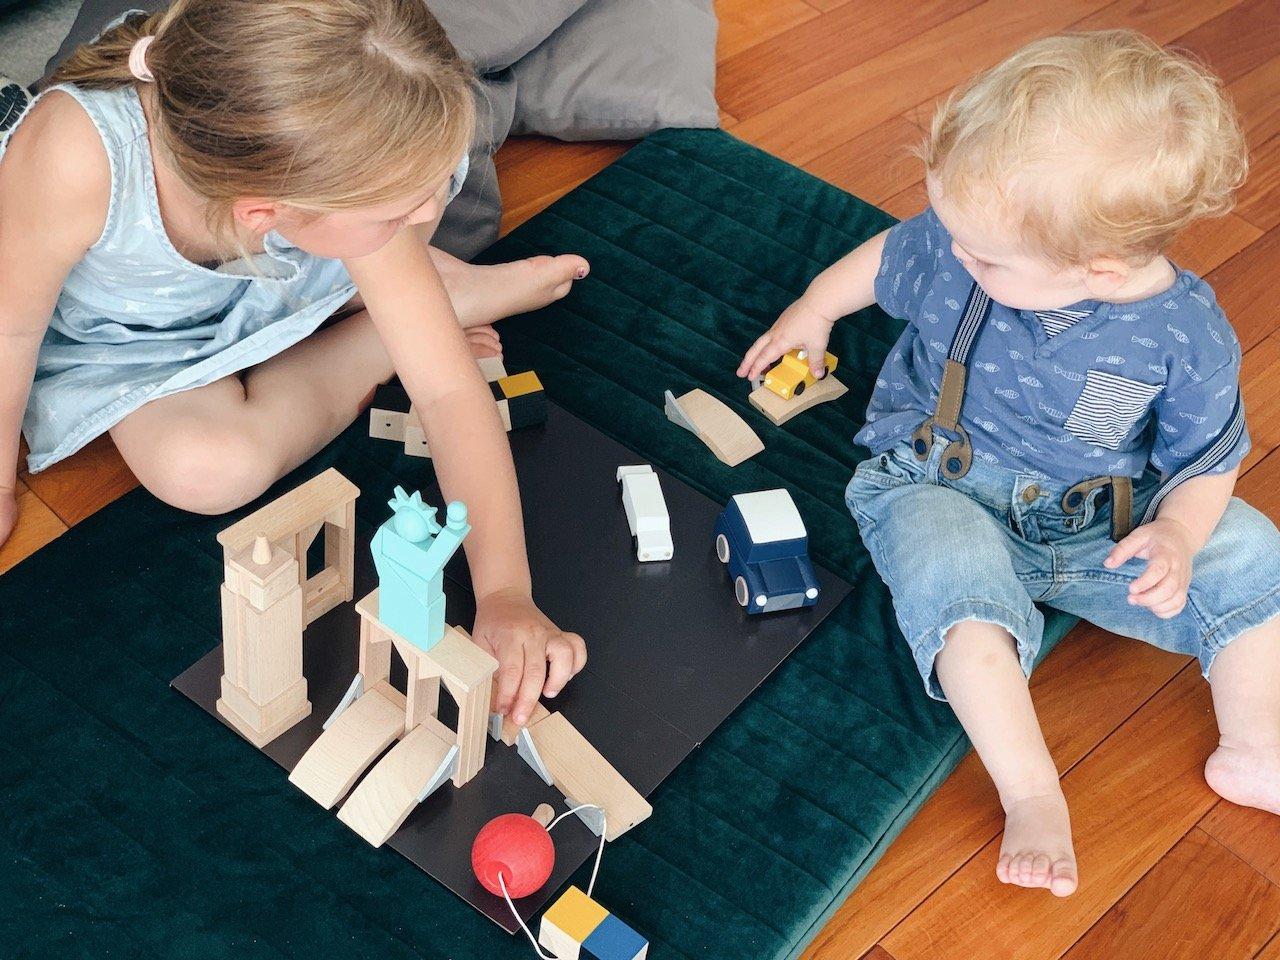 Geschenke für Kinder 3 Jahre: Spielzeug ein- bis dreijährige Kinder mamaWahnsinn